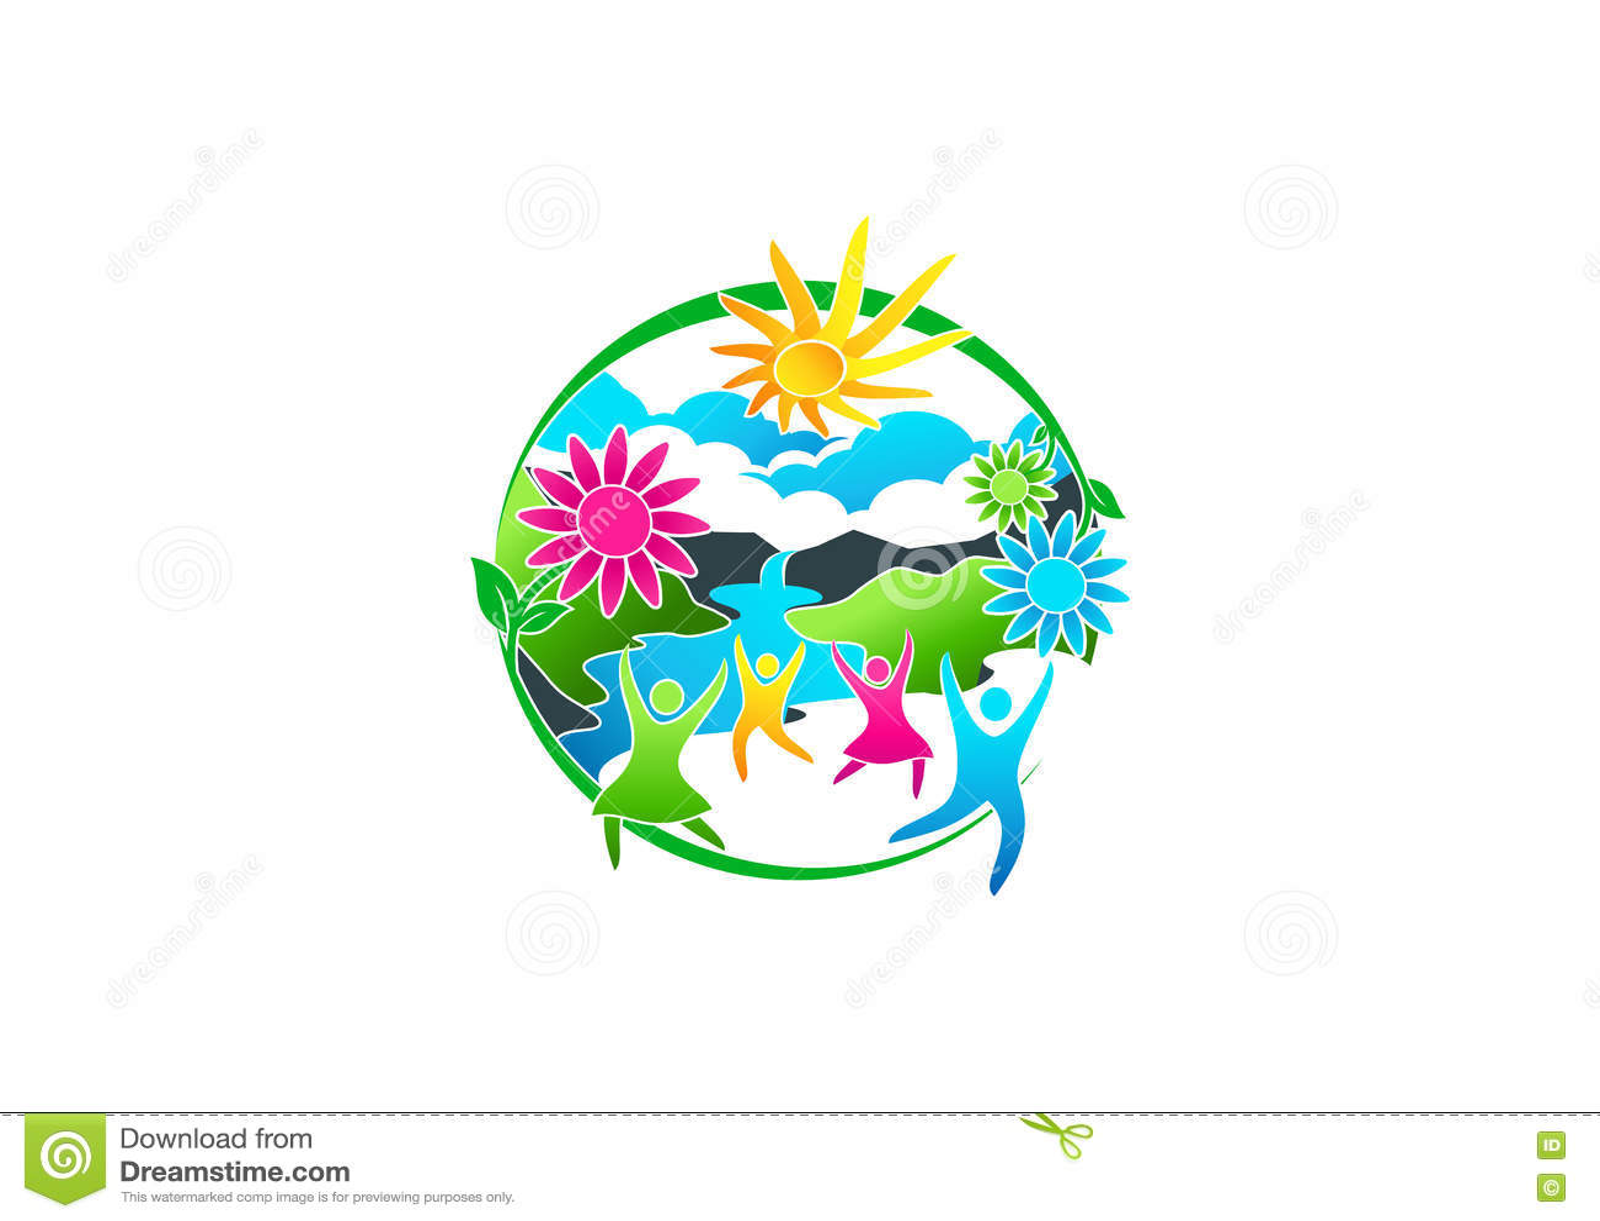 Salud, logotipo, primavera, flor, icono, verano, río, símbolo y diseño de concepto sano de la gente